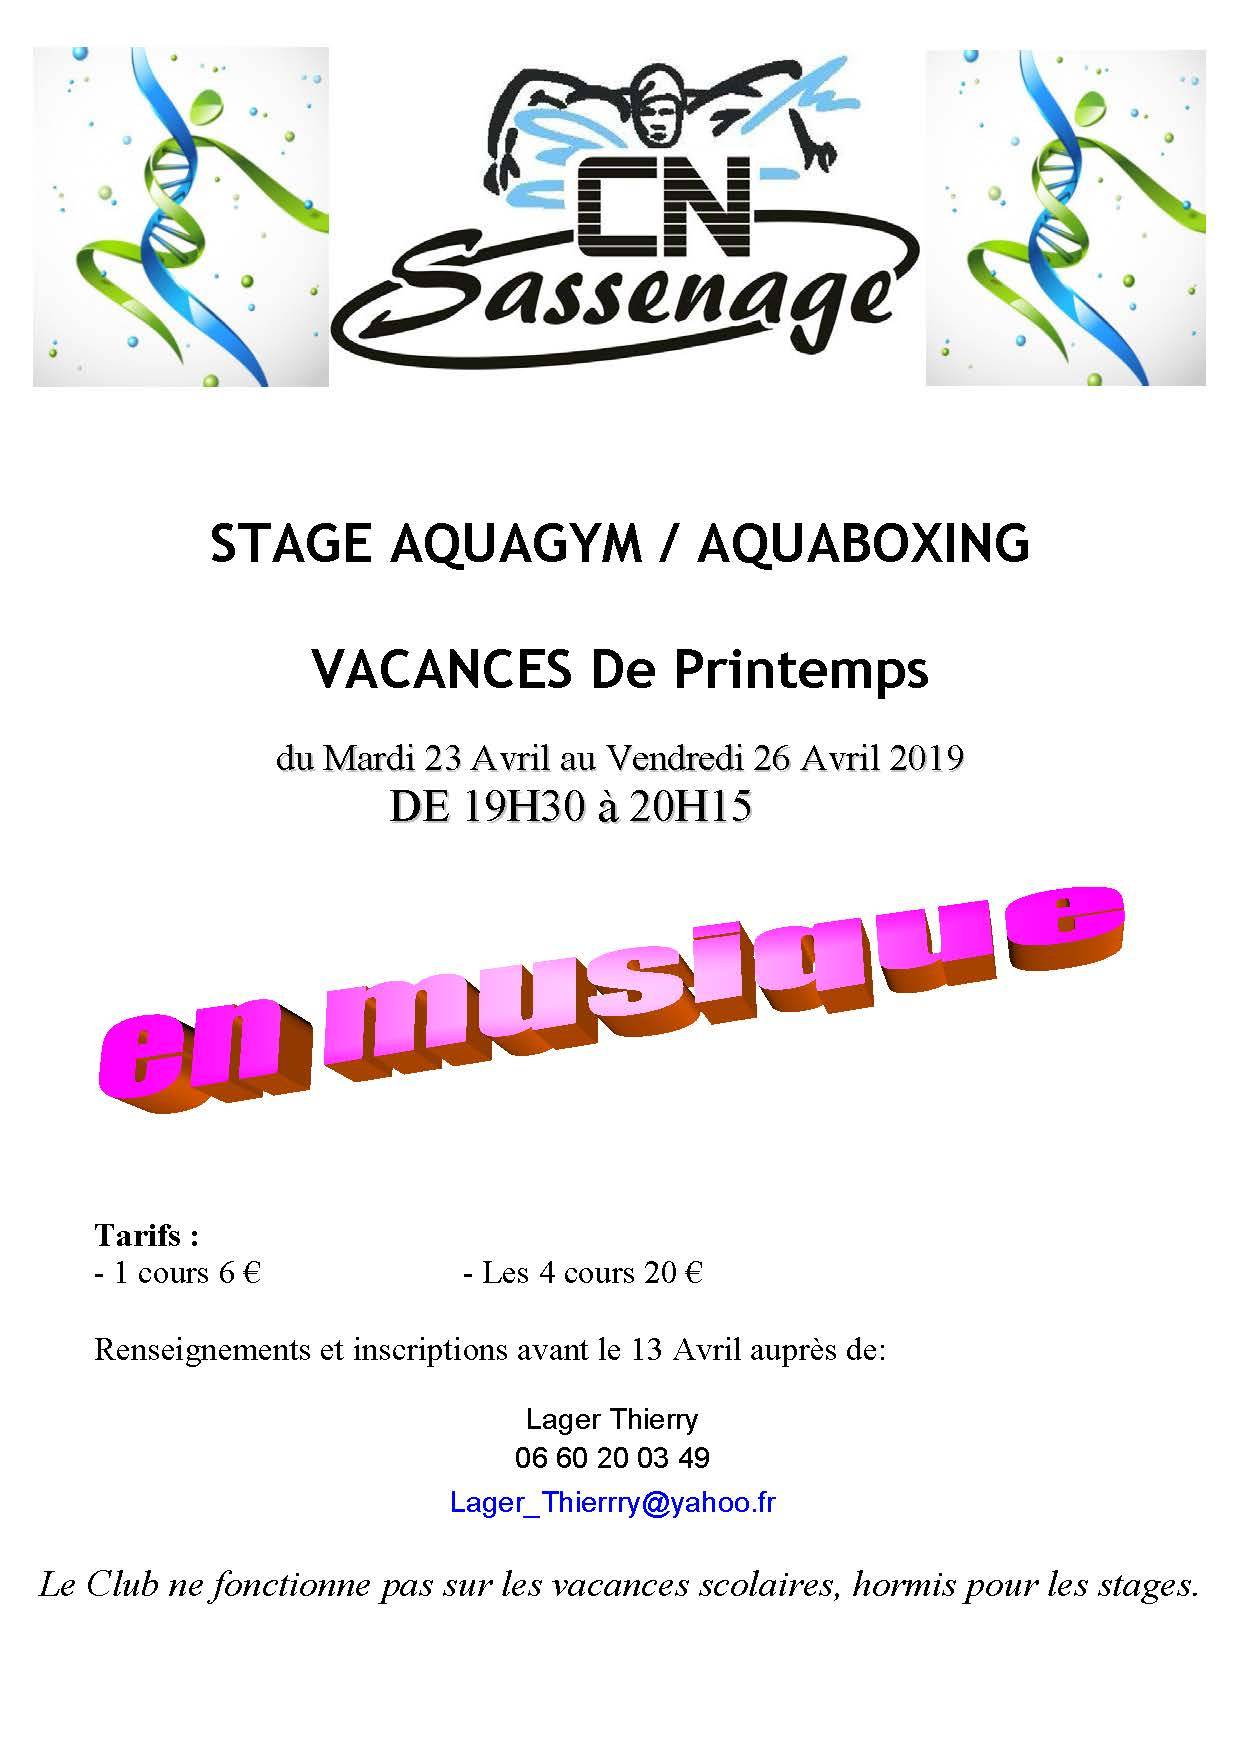 Aquagym/Aquaboxing printemps 2019